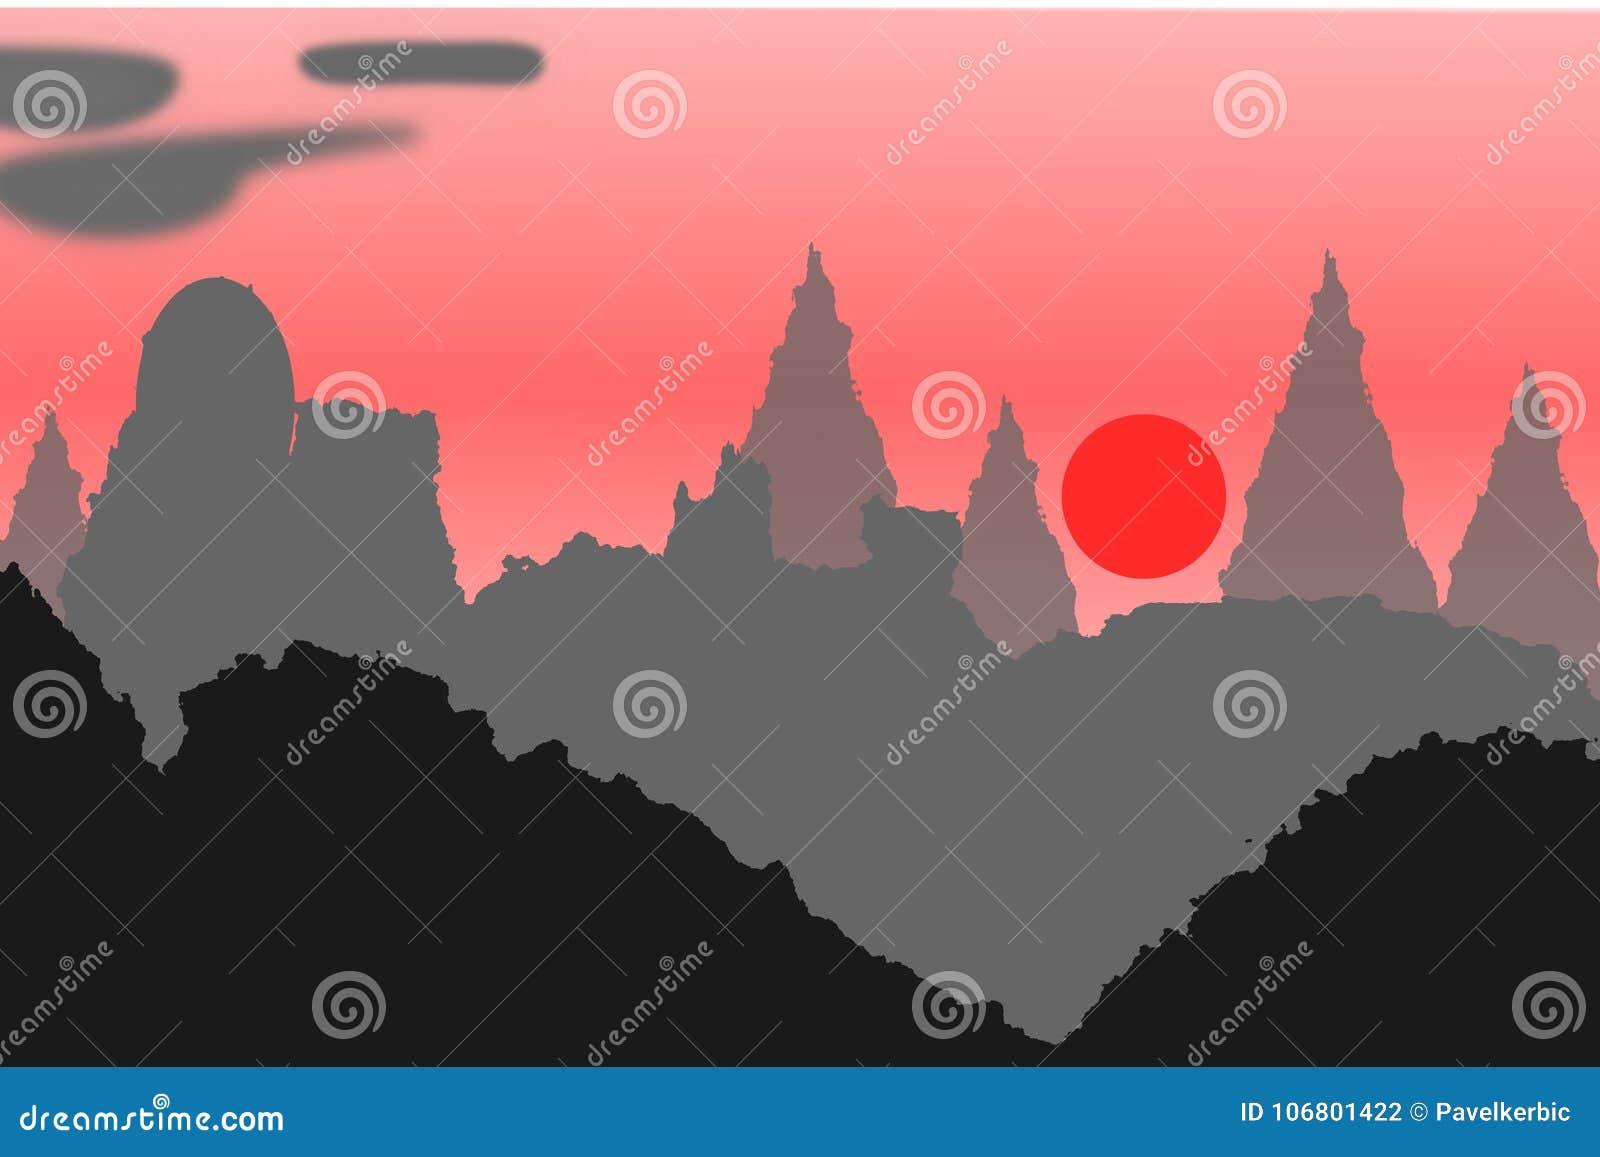 Download Hügel In China Im Sonnenaufgang Vektor Abbildung - Illustration von aufflackern, anordnung: 106801422